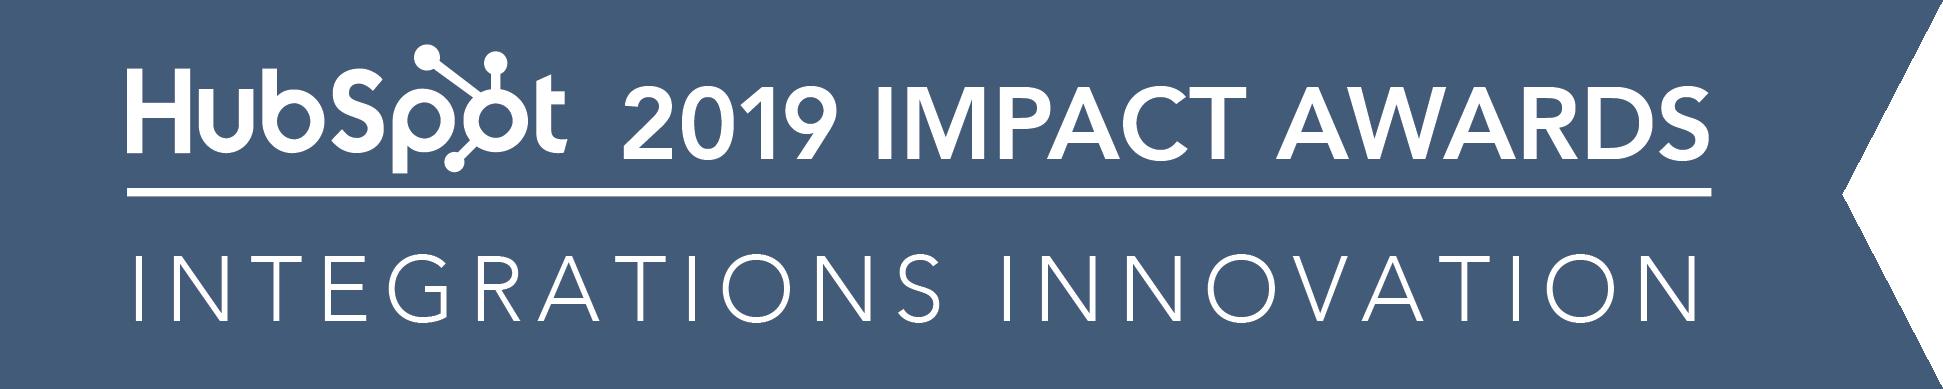 Hubspot_ImpactAwards_2019_IntegrationsInnovation-02